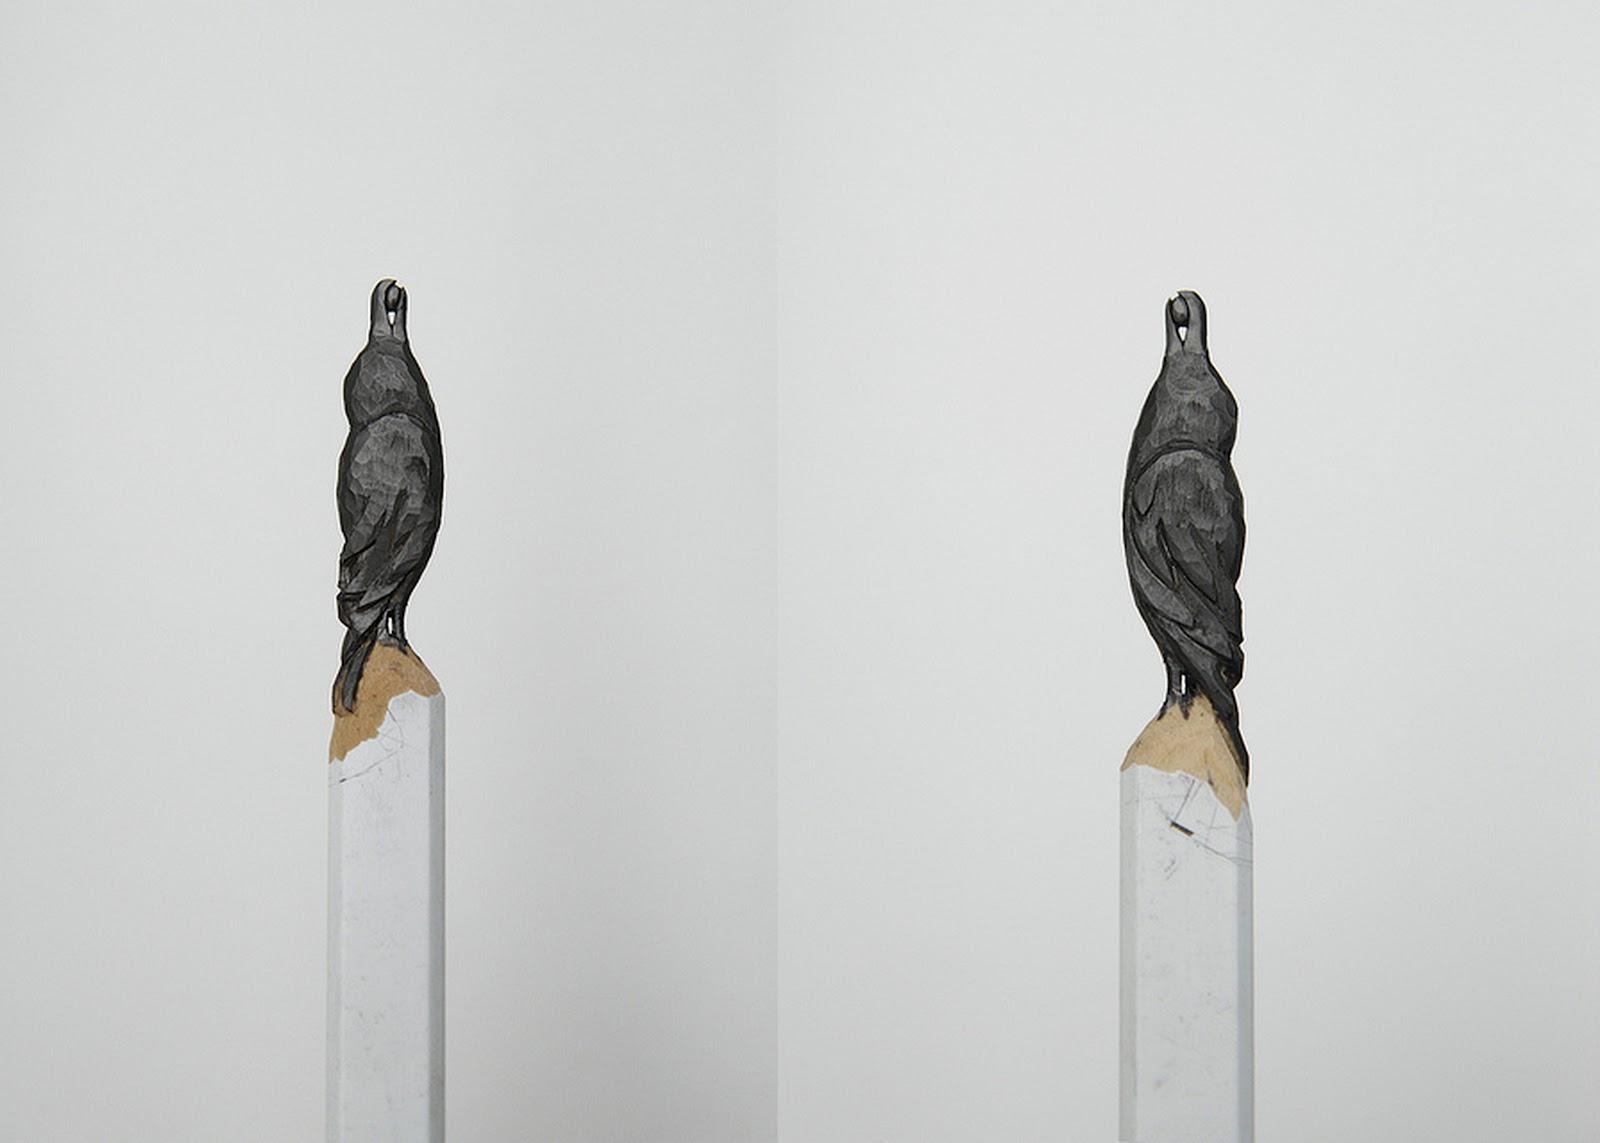 Graphite pencil carvings by diem chau junkculture